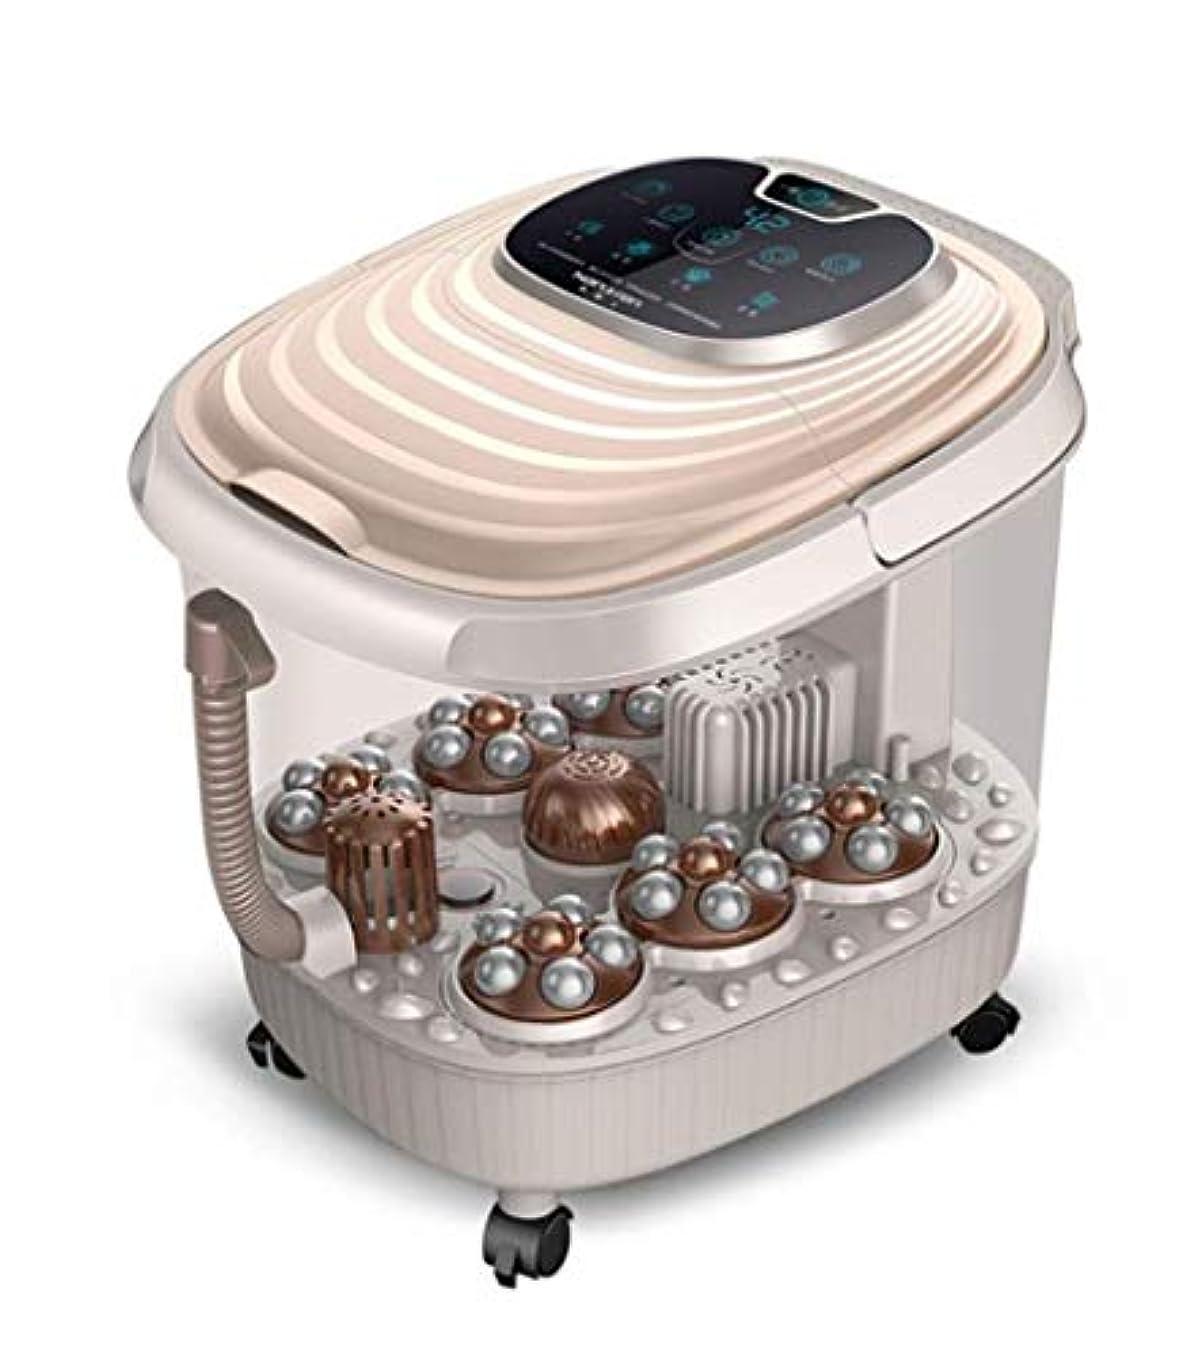 松の木民間誕生電気フットマッサージャー、多機能加熱フットバスバレル/スパマッサージバケット、ローリングマッサージ調節可能な時間/温度、LEDディスプレイ、痛みを和らげ、血液循環を促進/睡眠